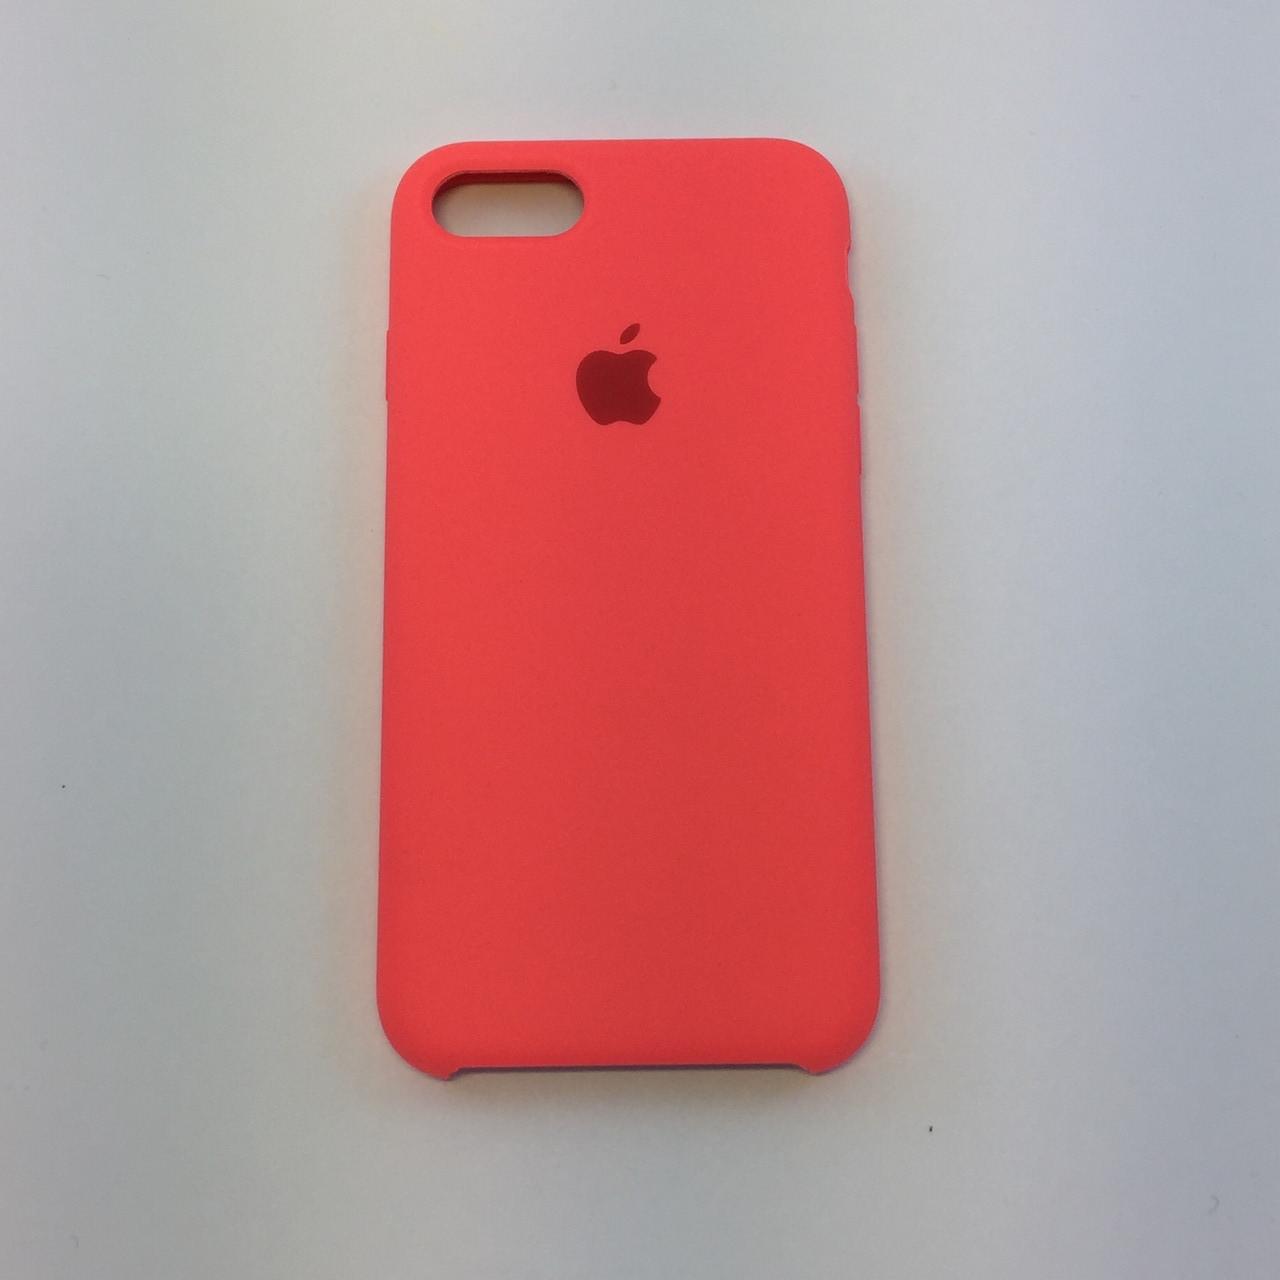 Силиконовый чехол iPhone 7, кораловый, copy original